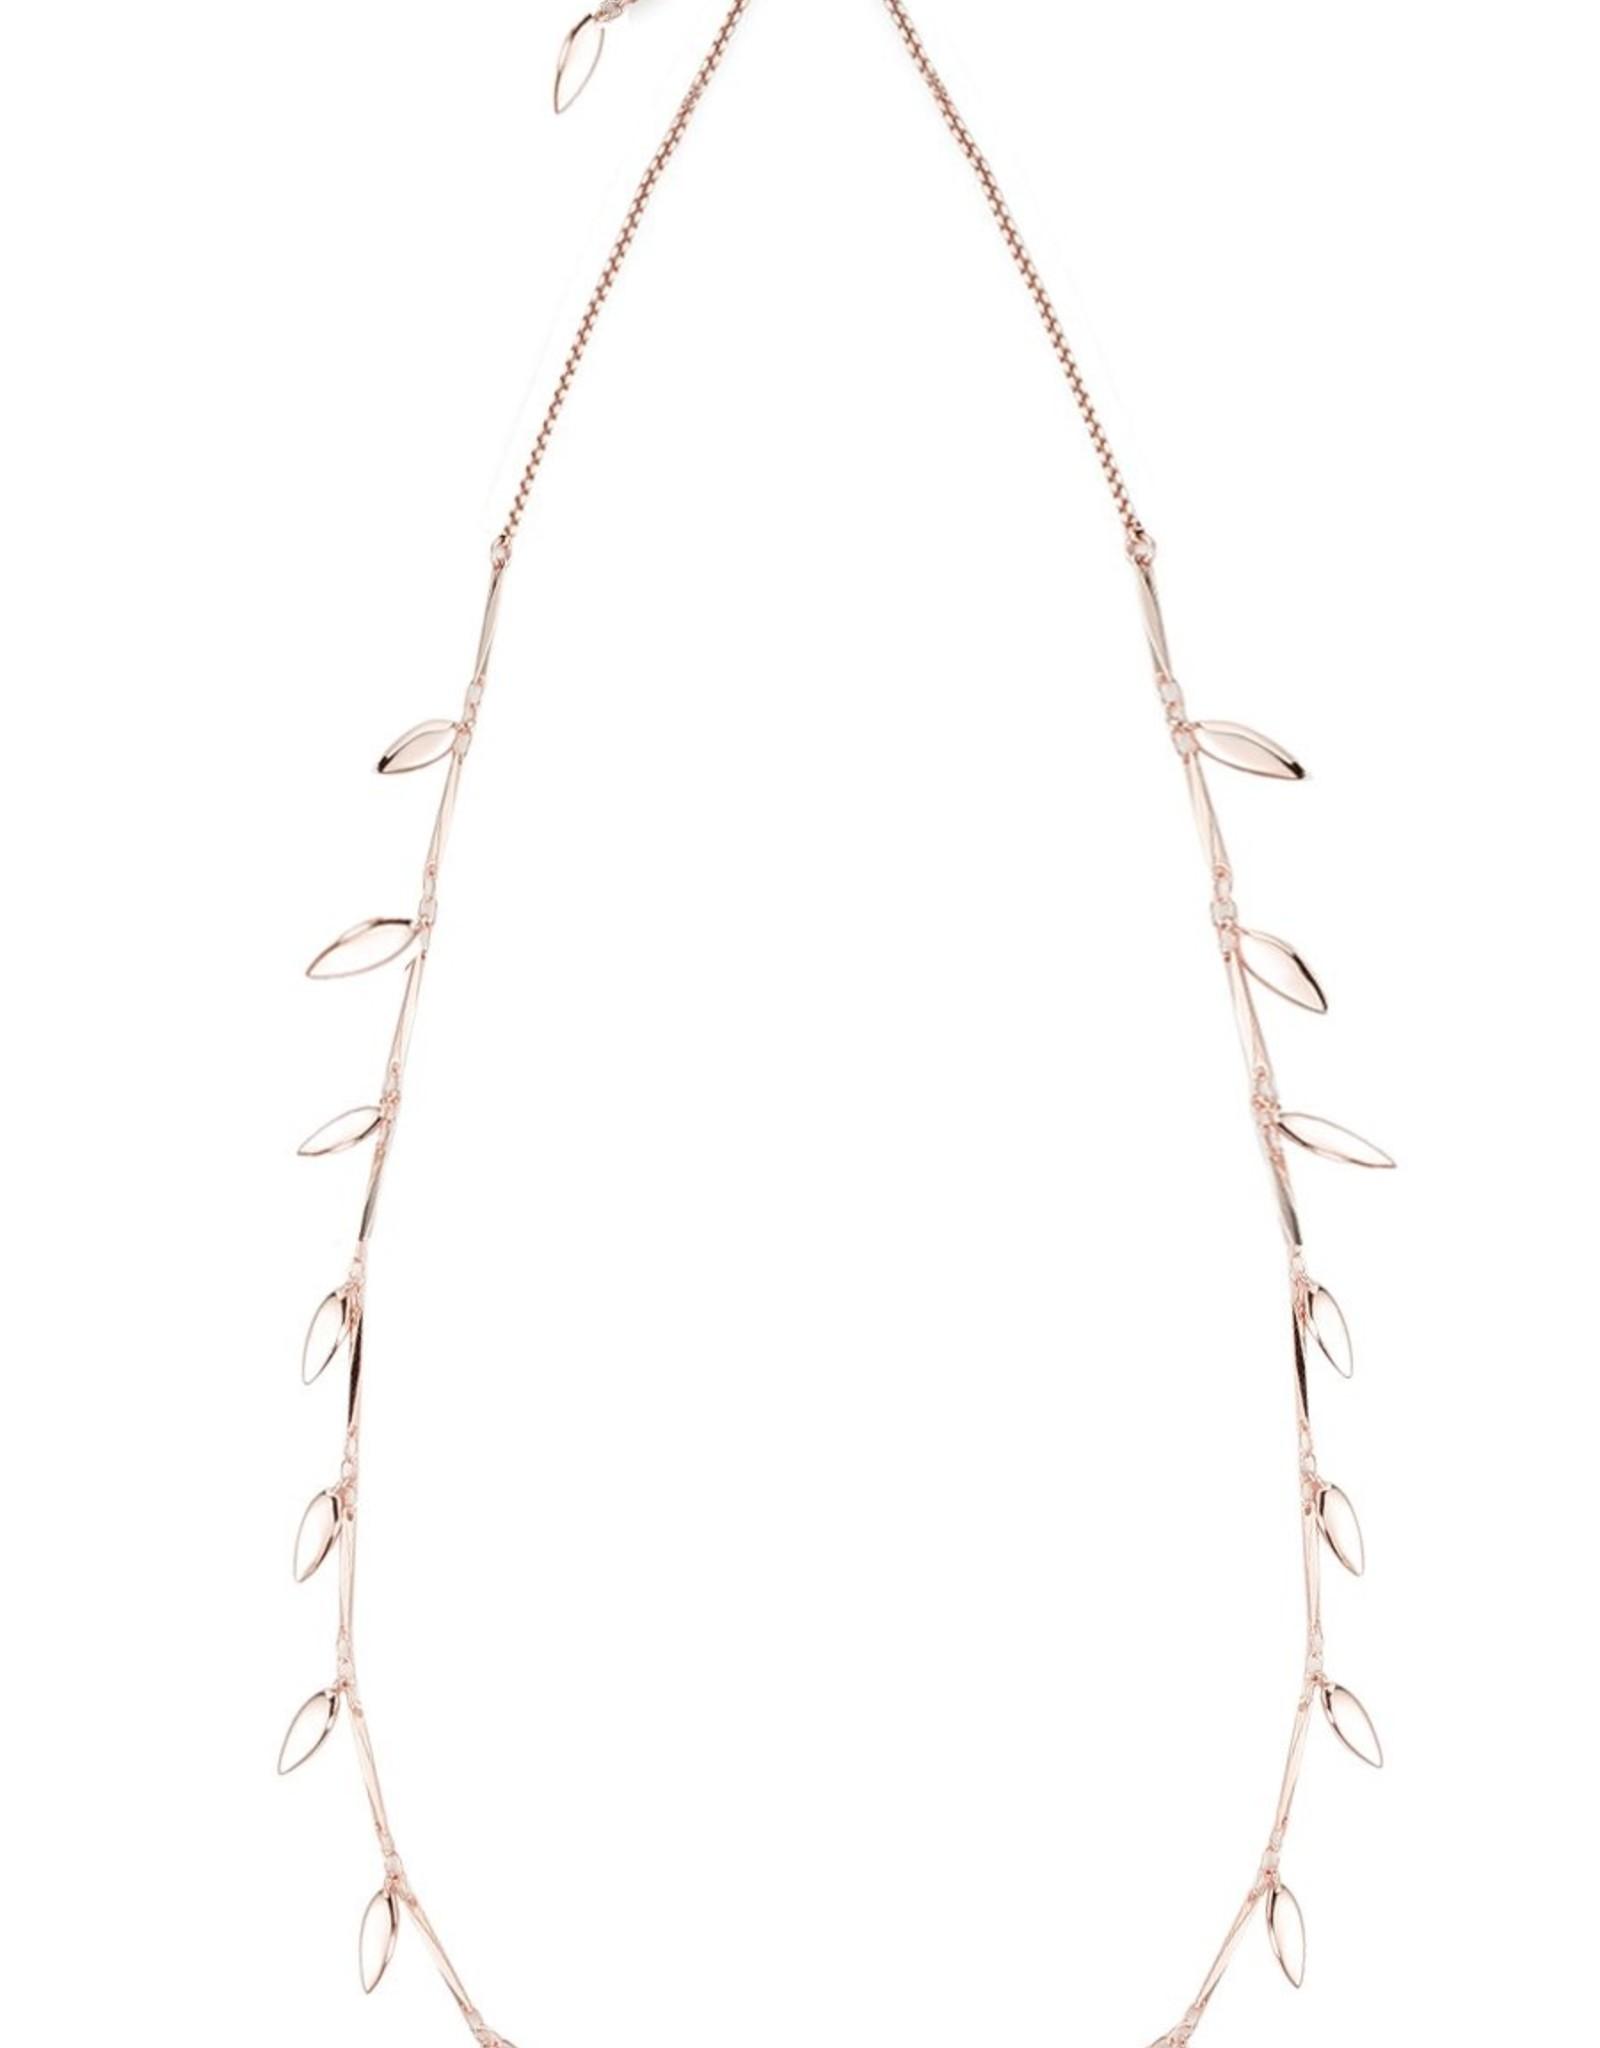 Natalie Wood Designs Choose Happy Adjustable Necklace - Rose Gold